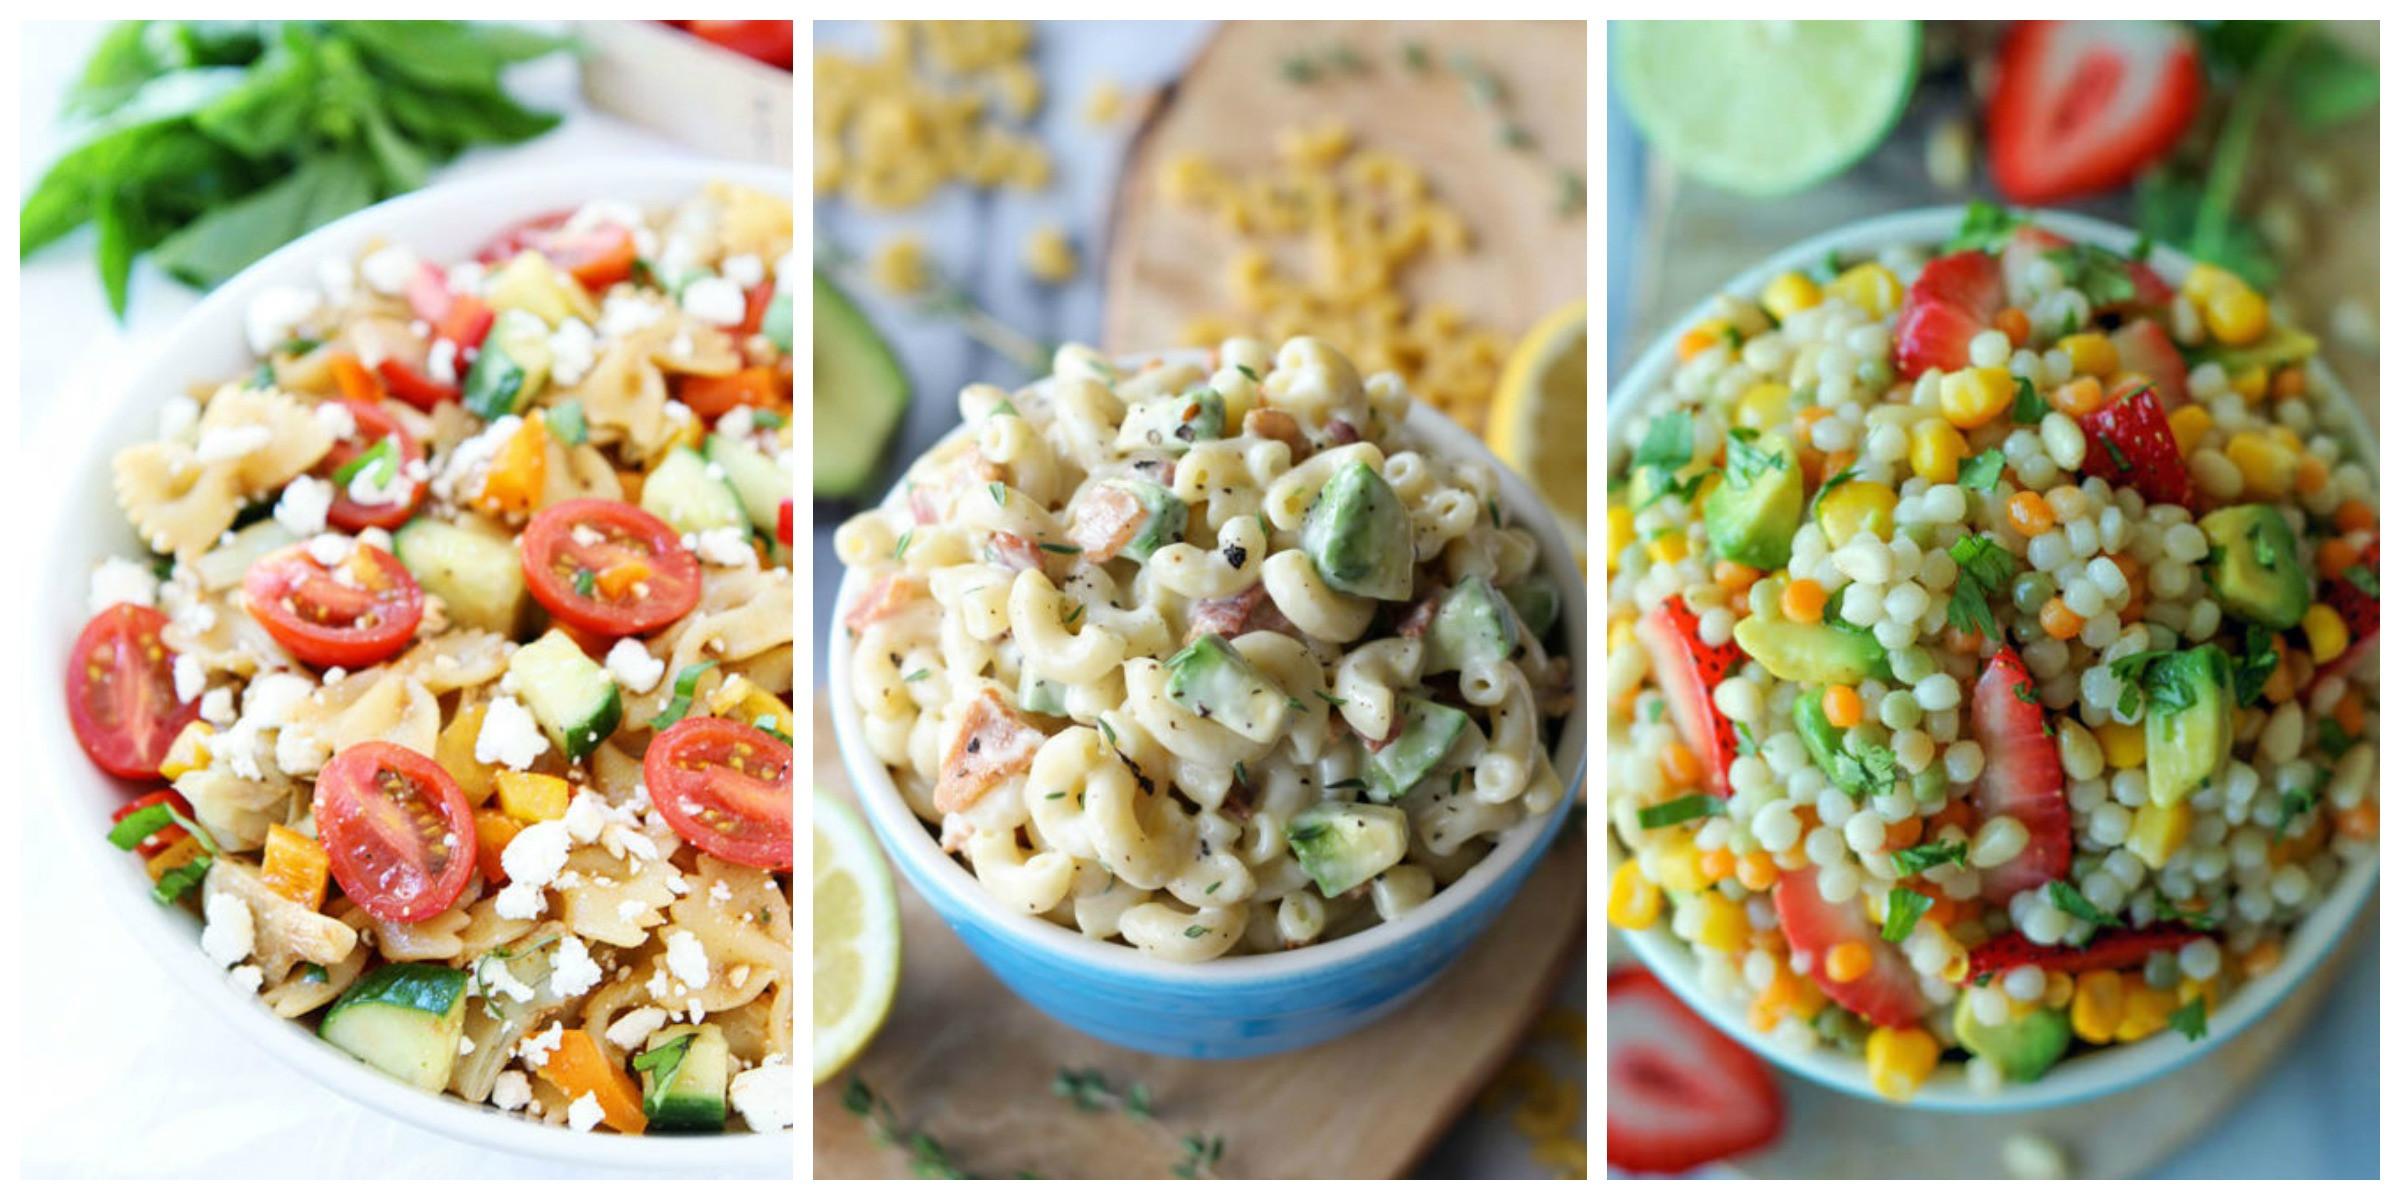 Best Summer Pasta Salad  60 Summer Pasta Salad Recipes Easy Ideas for Cold Pasta